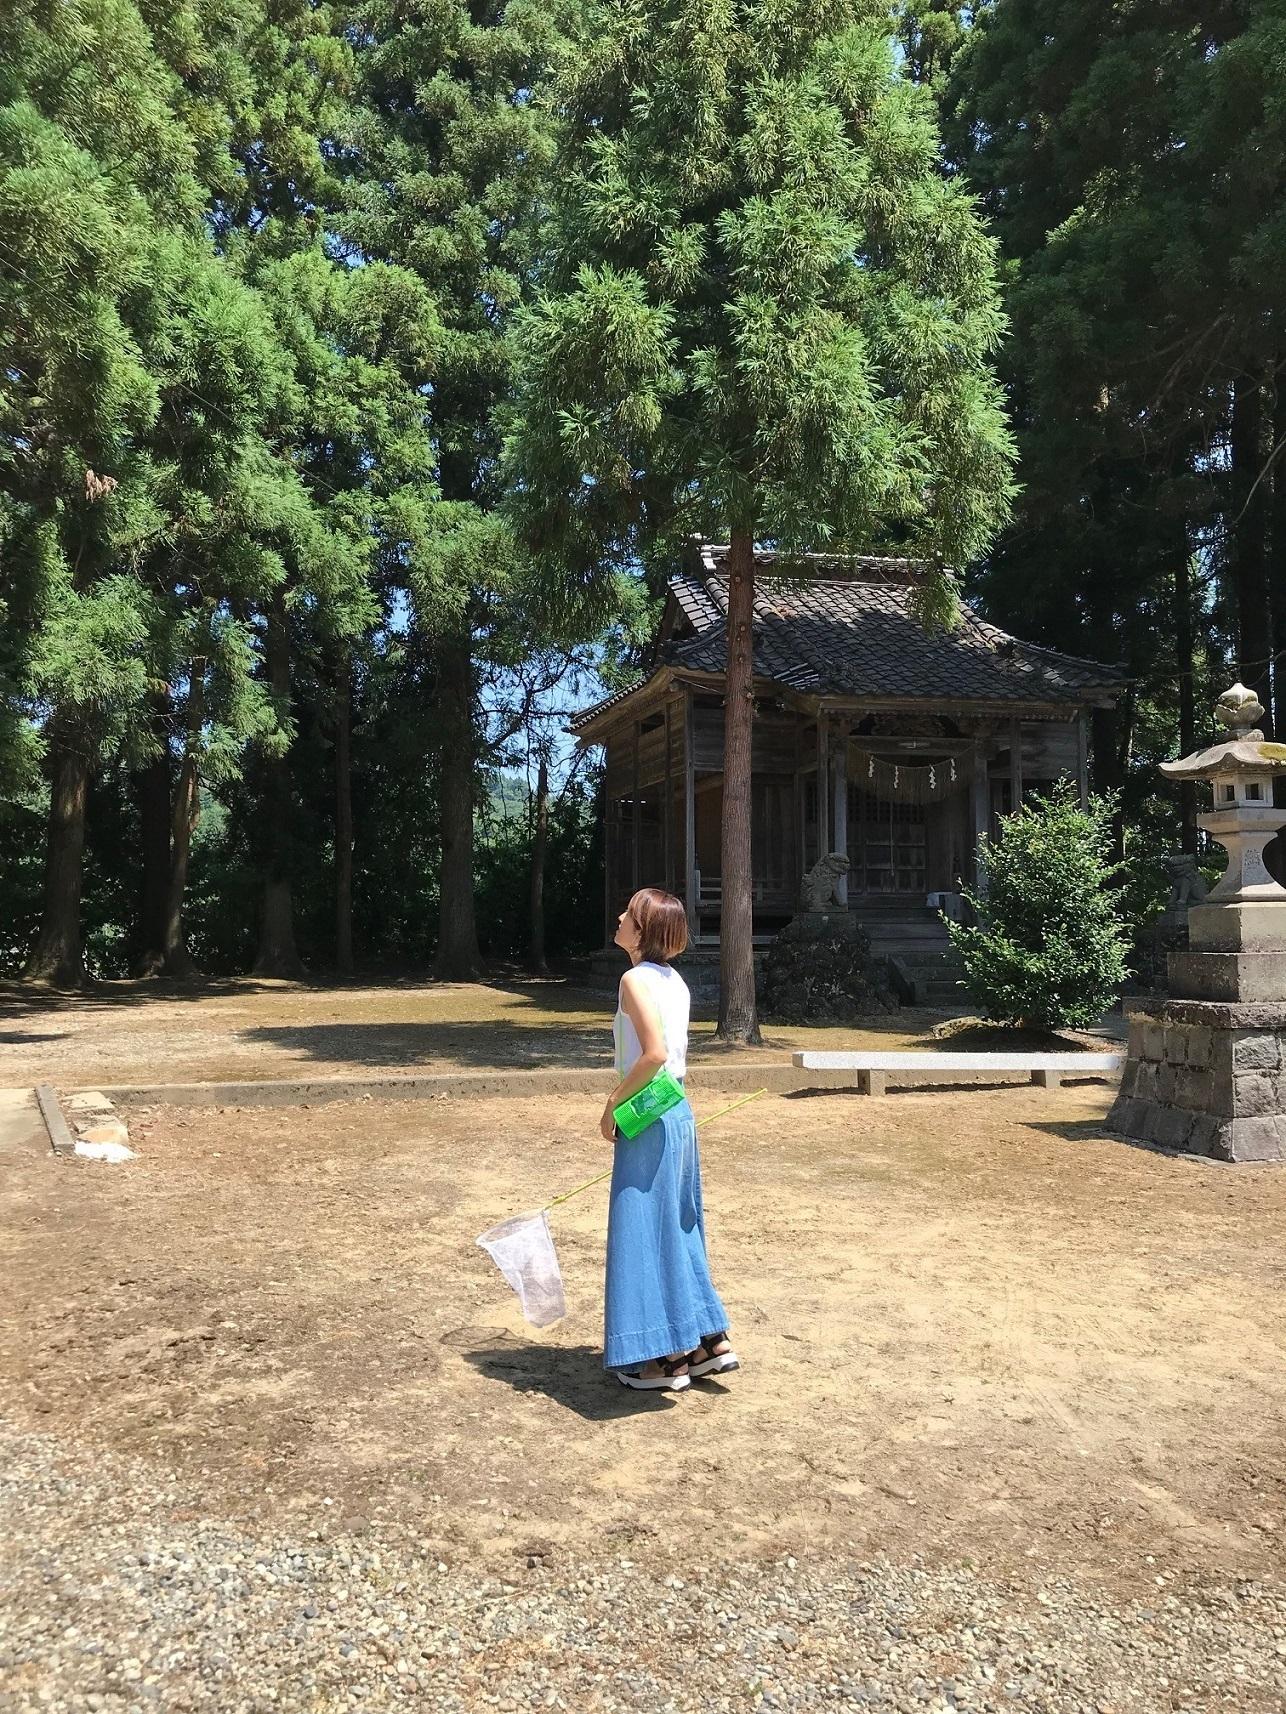 夏の風物詩といえば花火!地元長岡の花火を満喫してきました♡_1_3-1